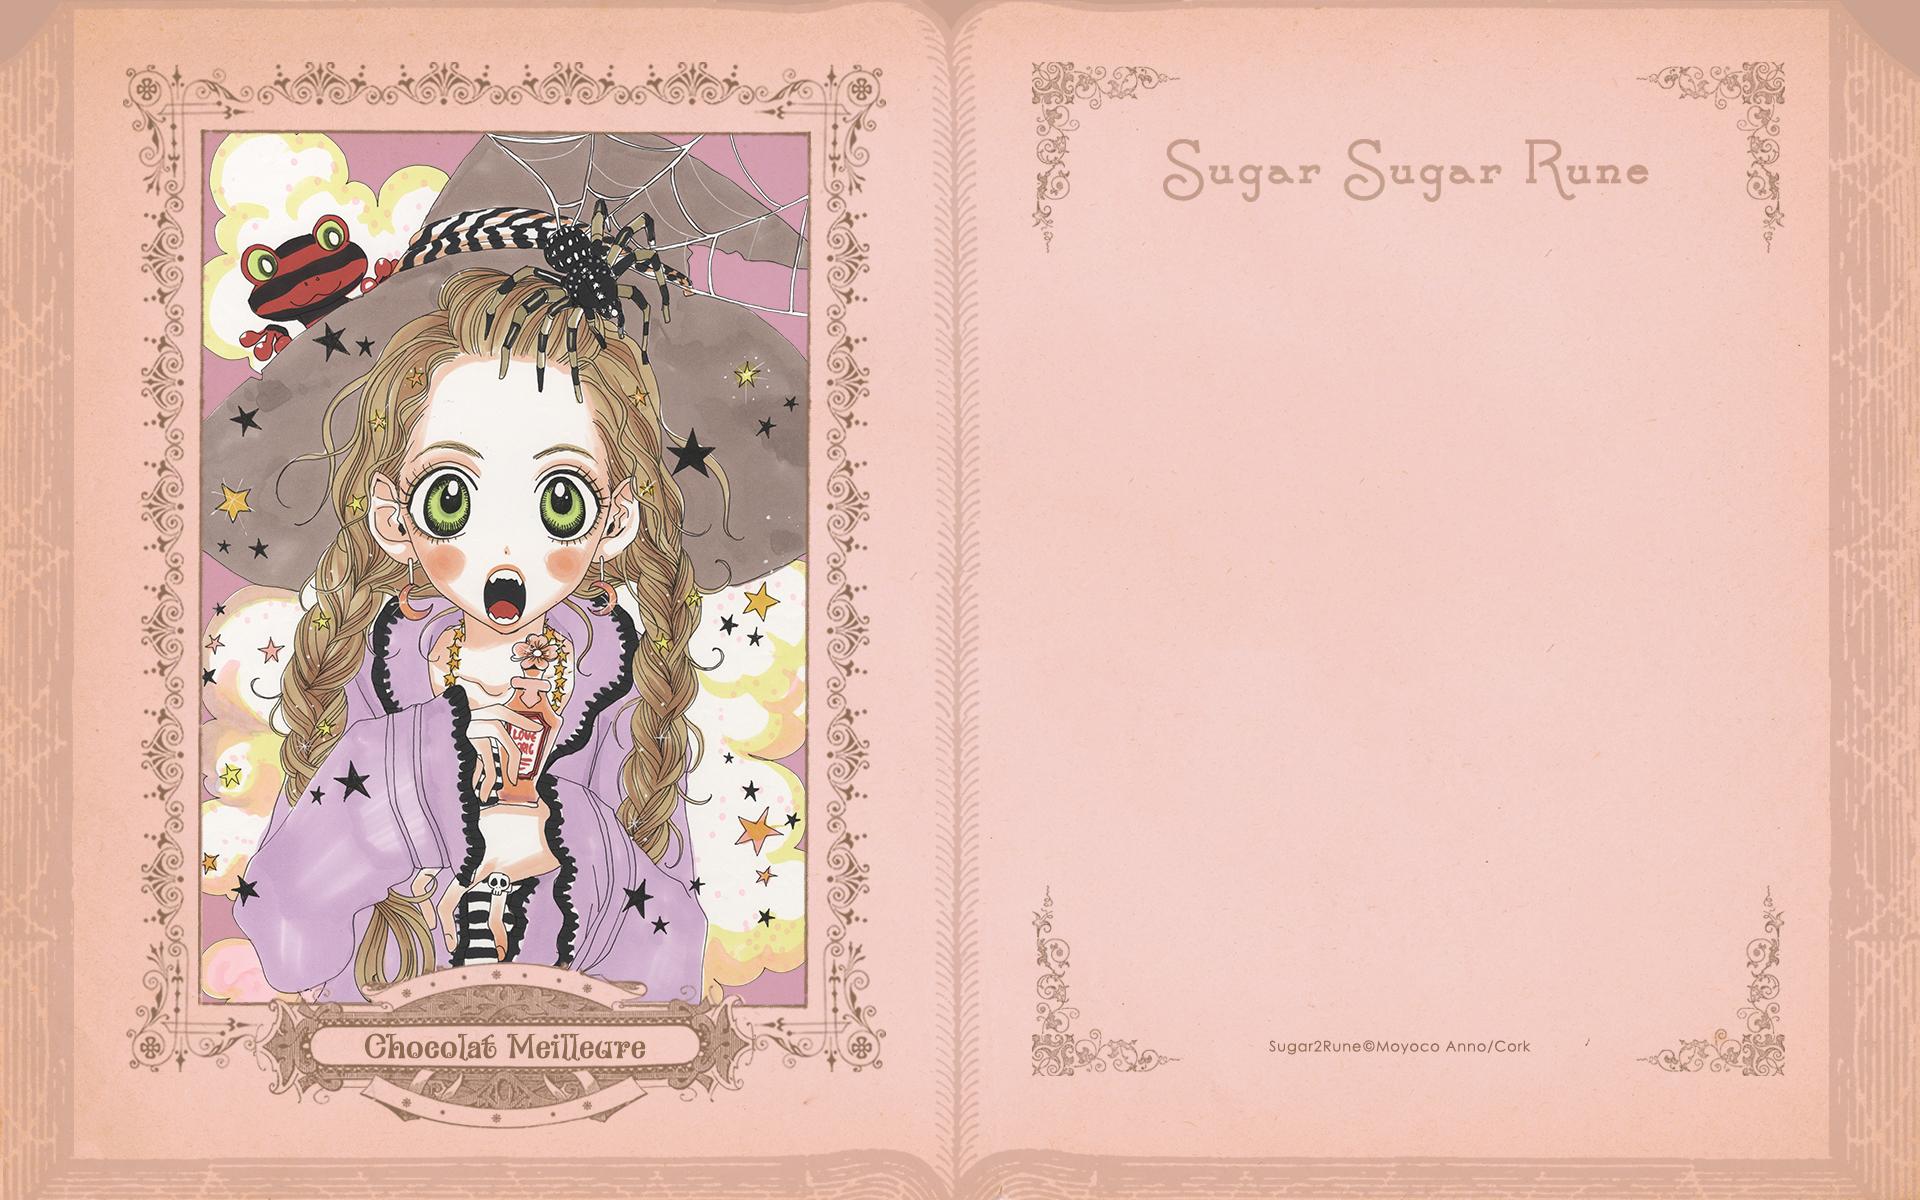 明日で公開終了 シュガルンフルカラー9話 デスクトップ壁紙プレゼント シュガシュガルーン 公式サイト 安野モヨコ